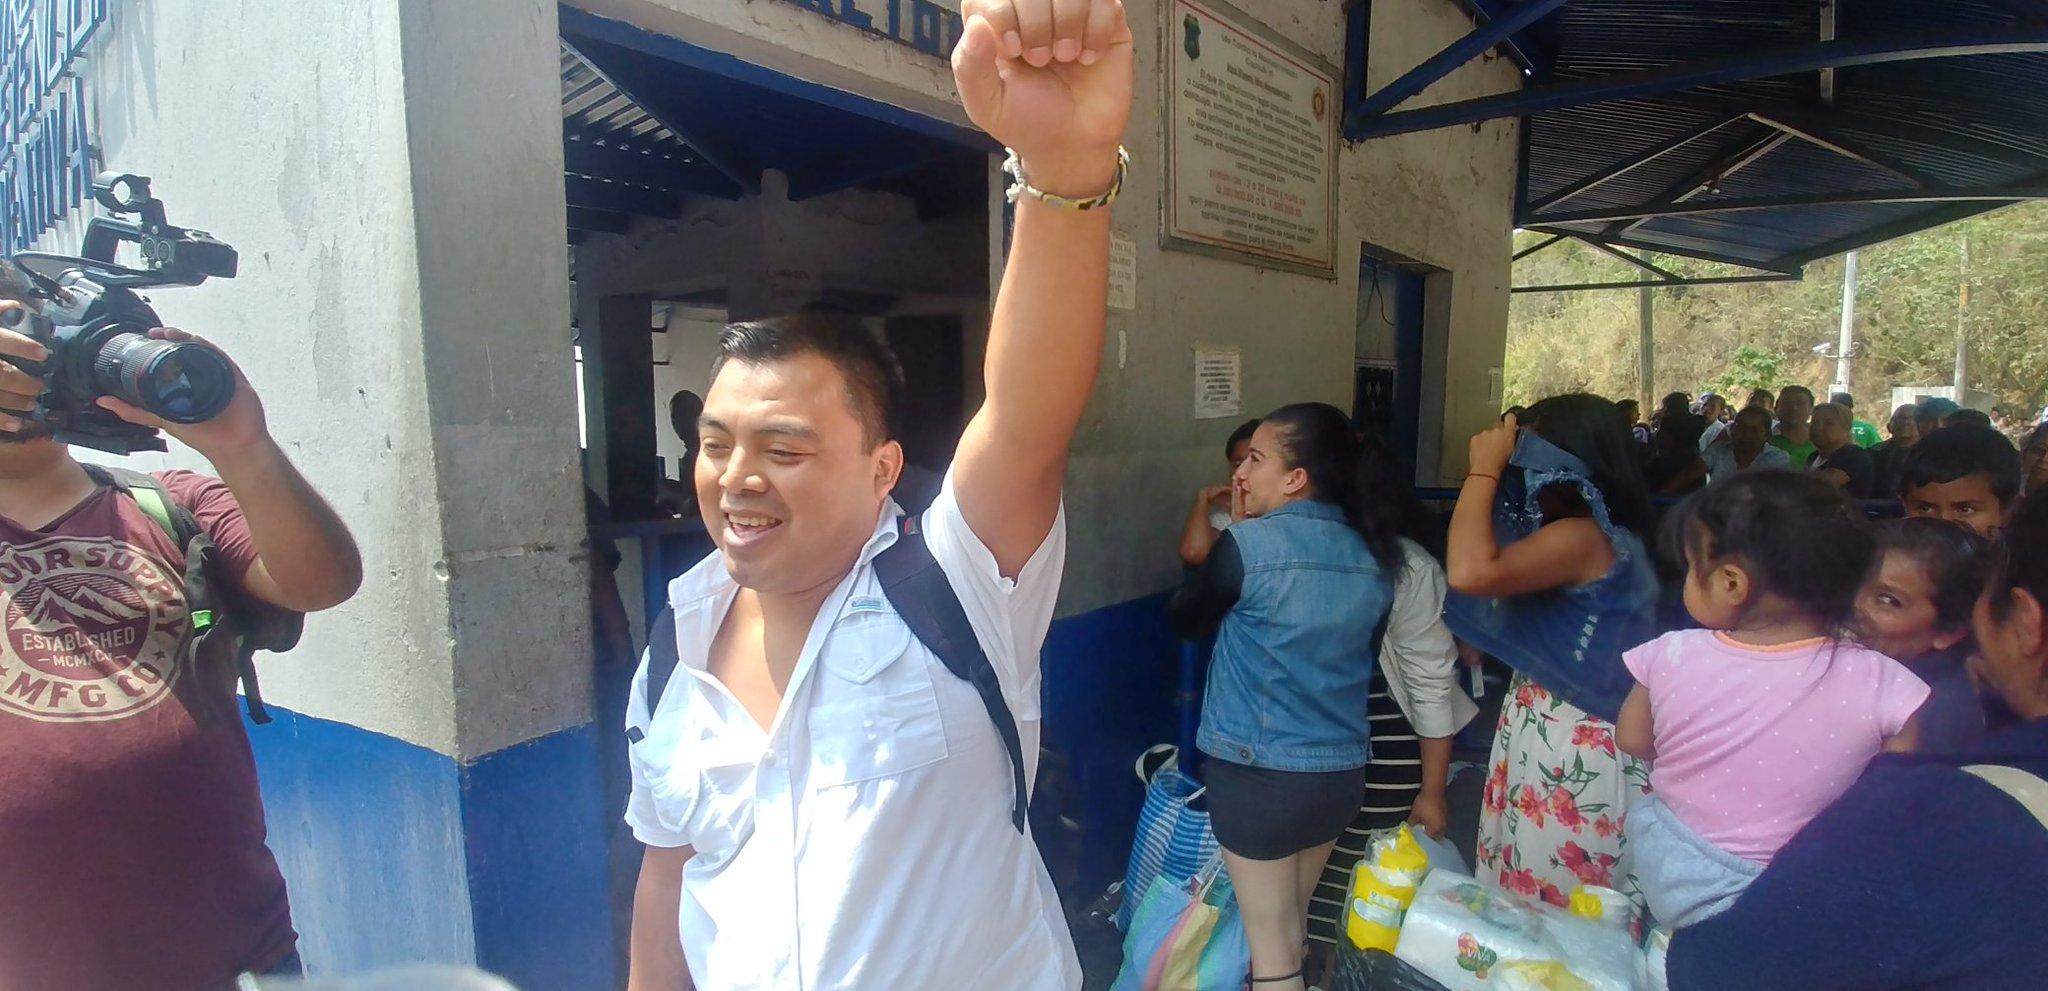 Guatemala: El defensor de la tierra, Abelino Chub fue absuelto de los delitos que se le acusaban